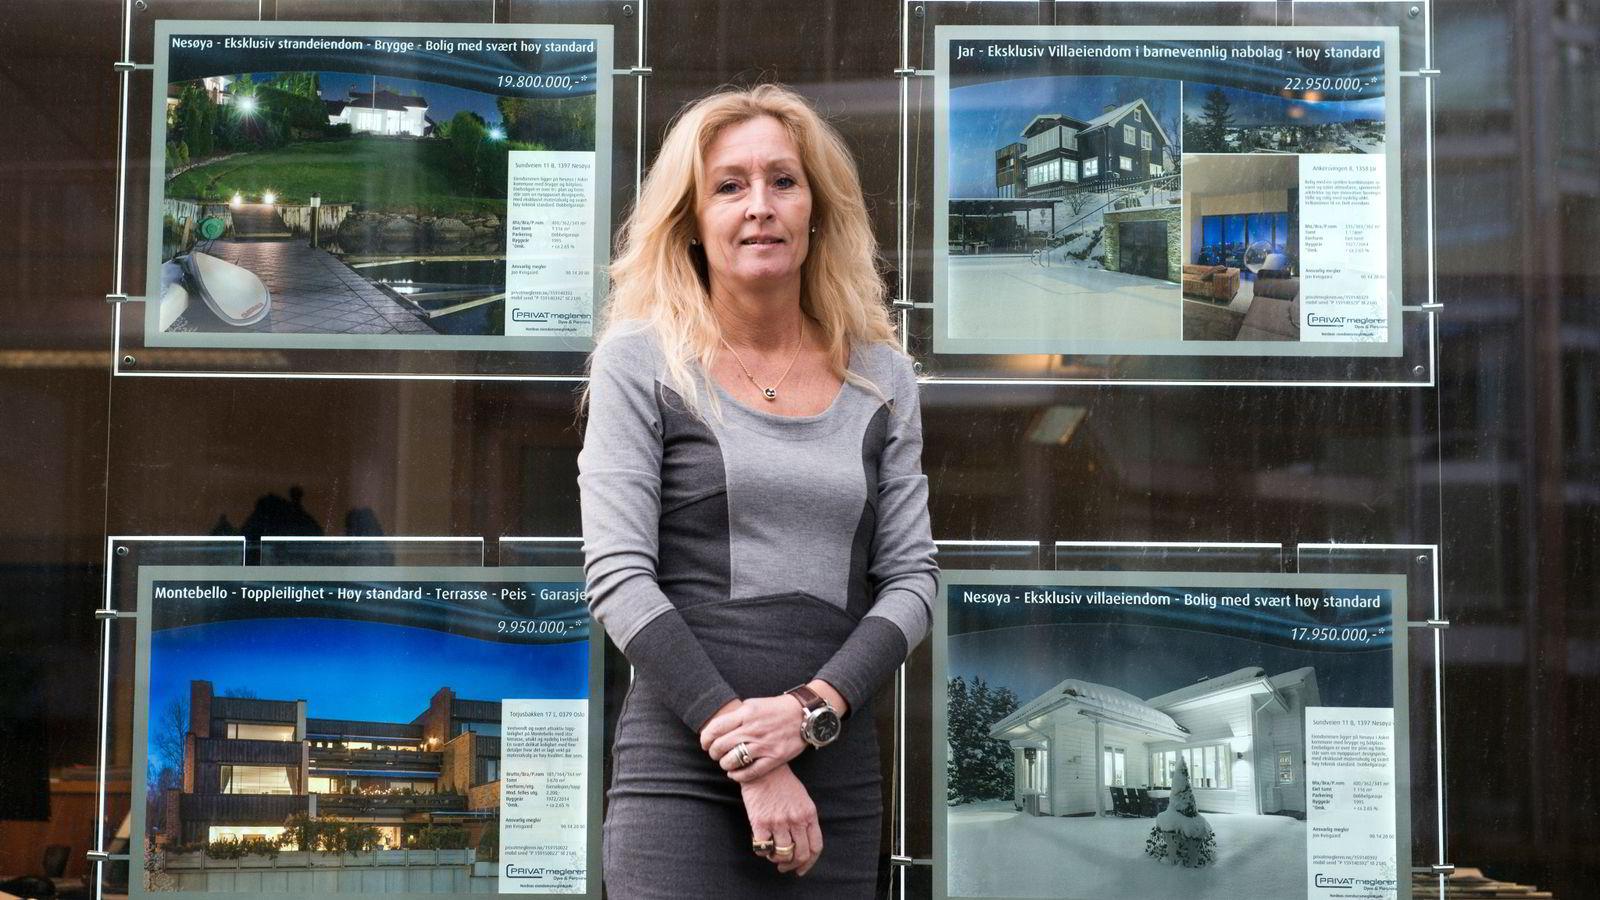 Administrerende direktør Grethe W. Meier i Privatmegleren har lenge irritert seg over Eiendomsmeglerguiden.no og klager nå tjenesten inn for Forbrukerombudet.